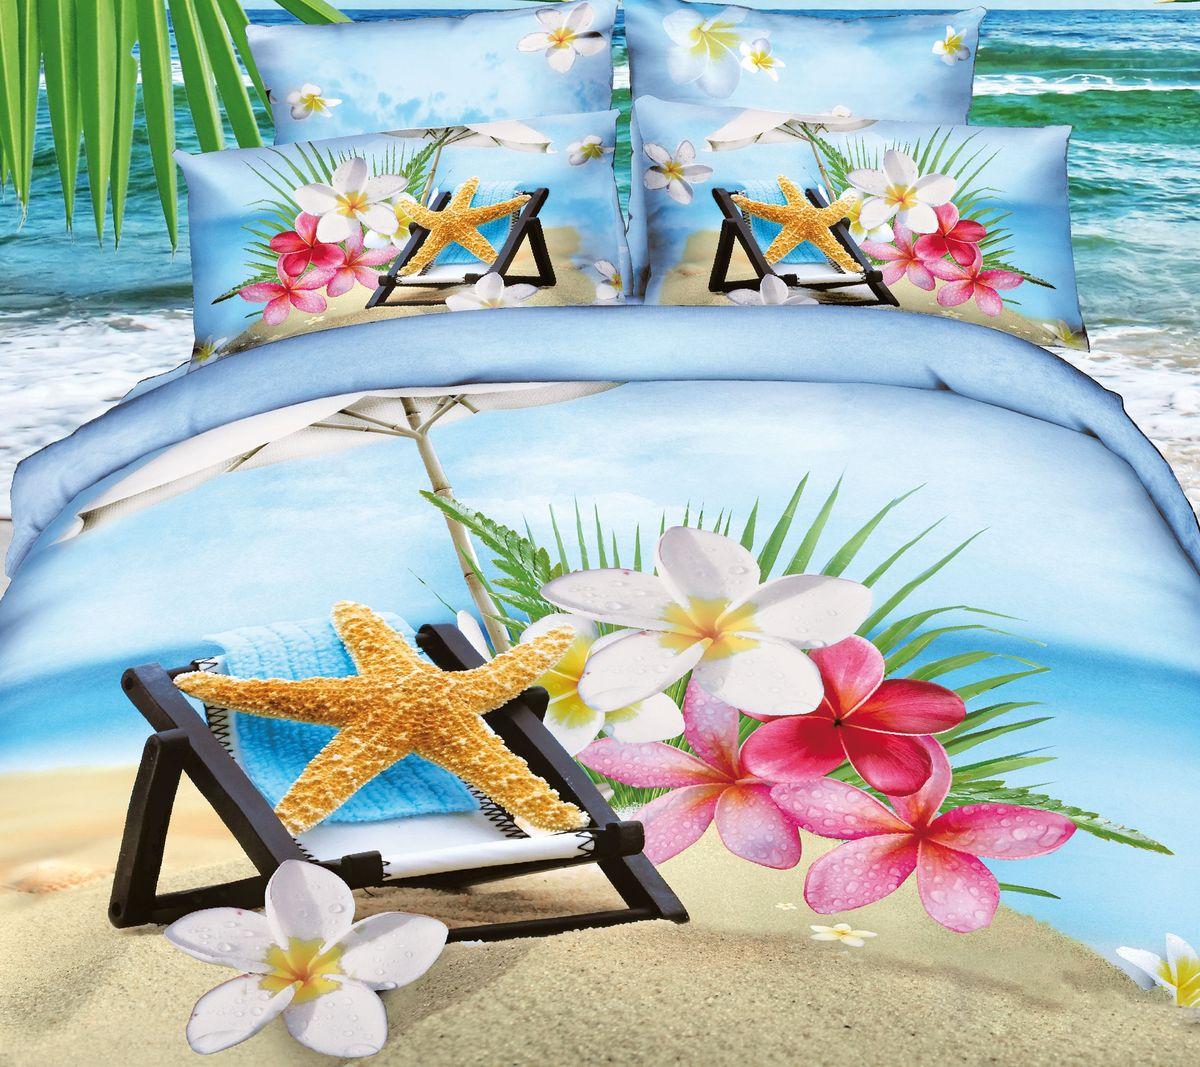 Комплект белья Коллекция Пляж, 2-спальный, наволочки 50x70. СР2/50/ОЗ/плСР2/50/ОЗ/пл